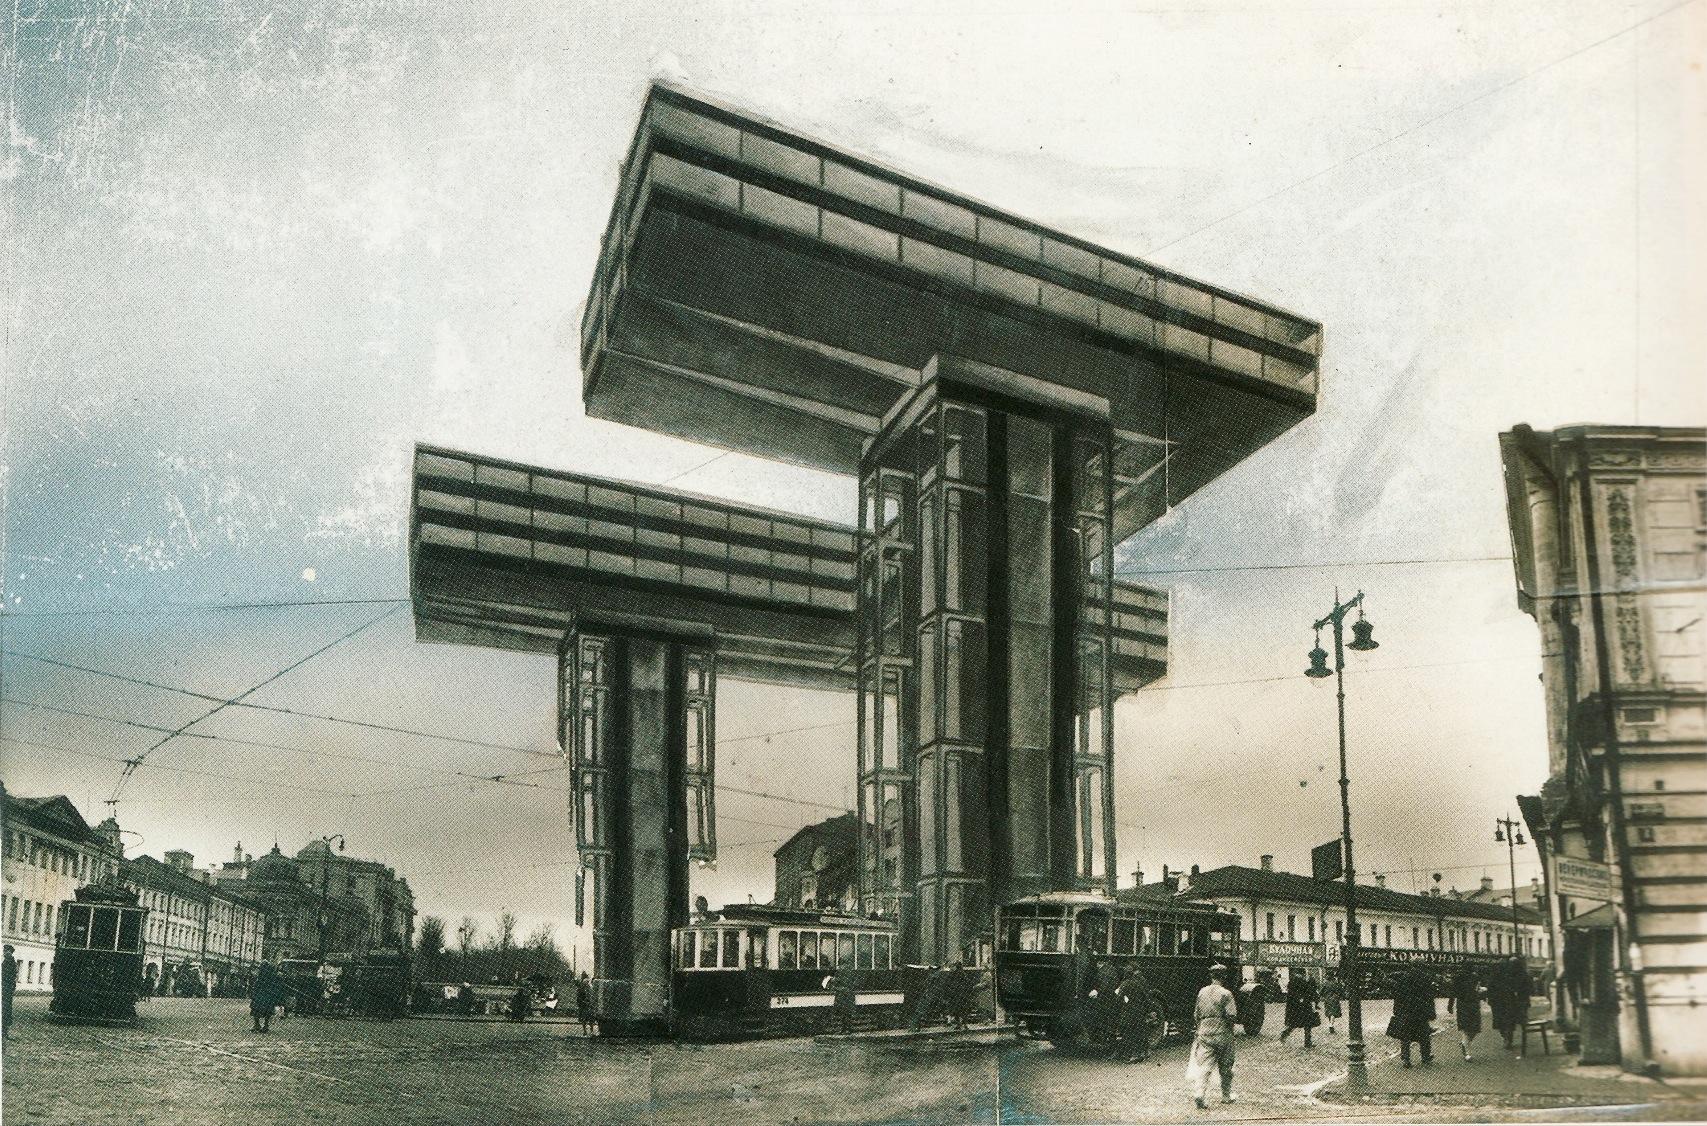 Л. Лисицкий. Проект горизонтального небоскреба («Заоблачного утюга») на столбах, поднятого над застройкой старой Москвы. 1923—1925 годы.